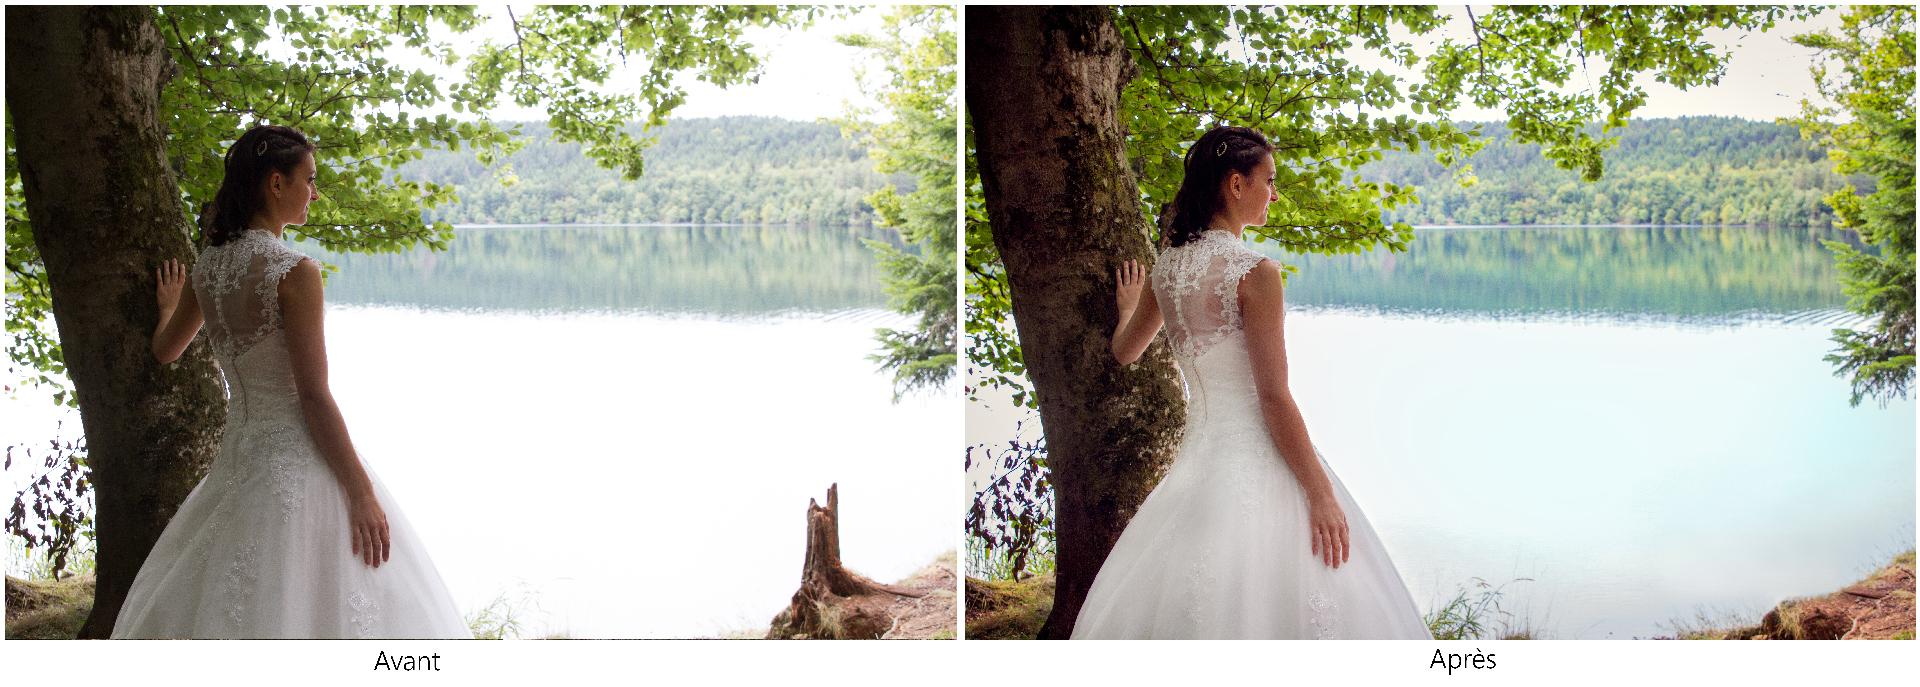 Séance couple, mariage, reportage de mariage, day after, mariée, Mariage Haute-Loire, lac, lac du Bouchet, Cayres, Haute-Loire, nature